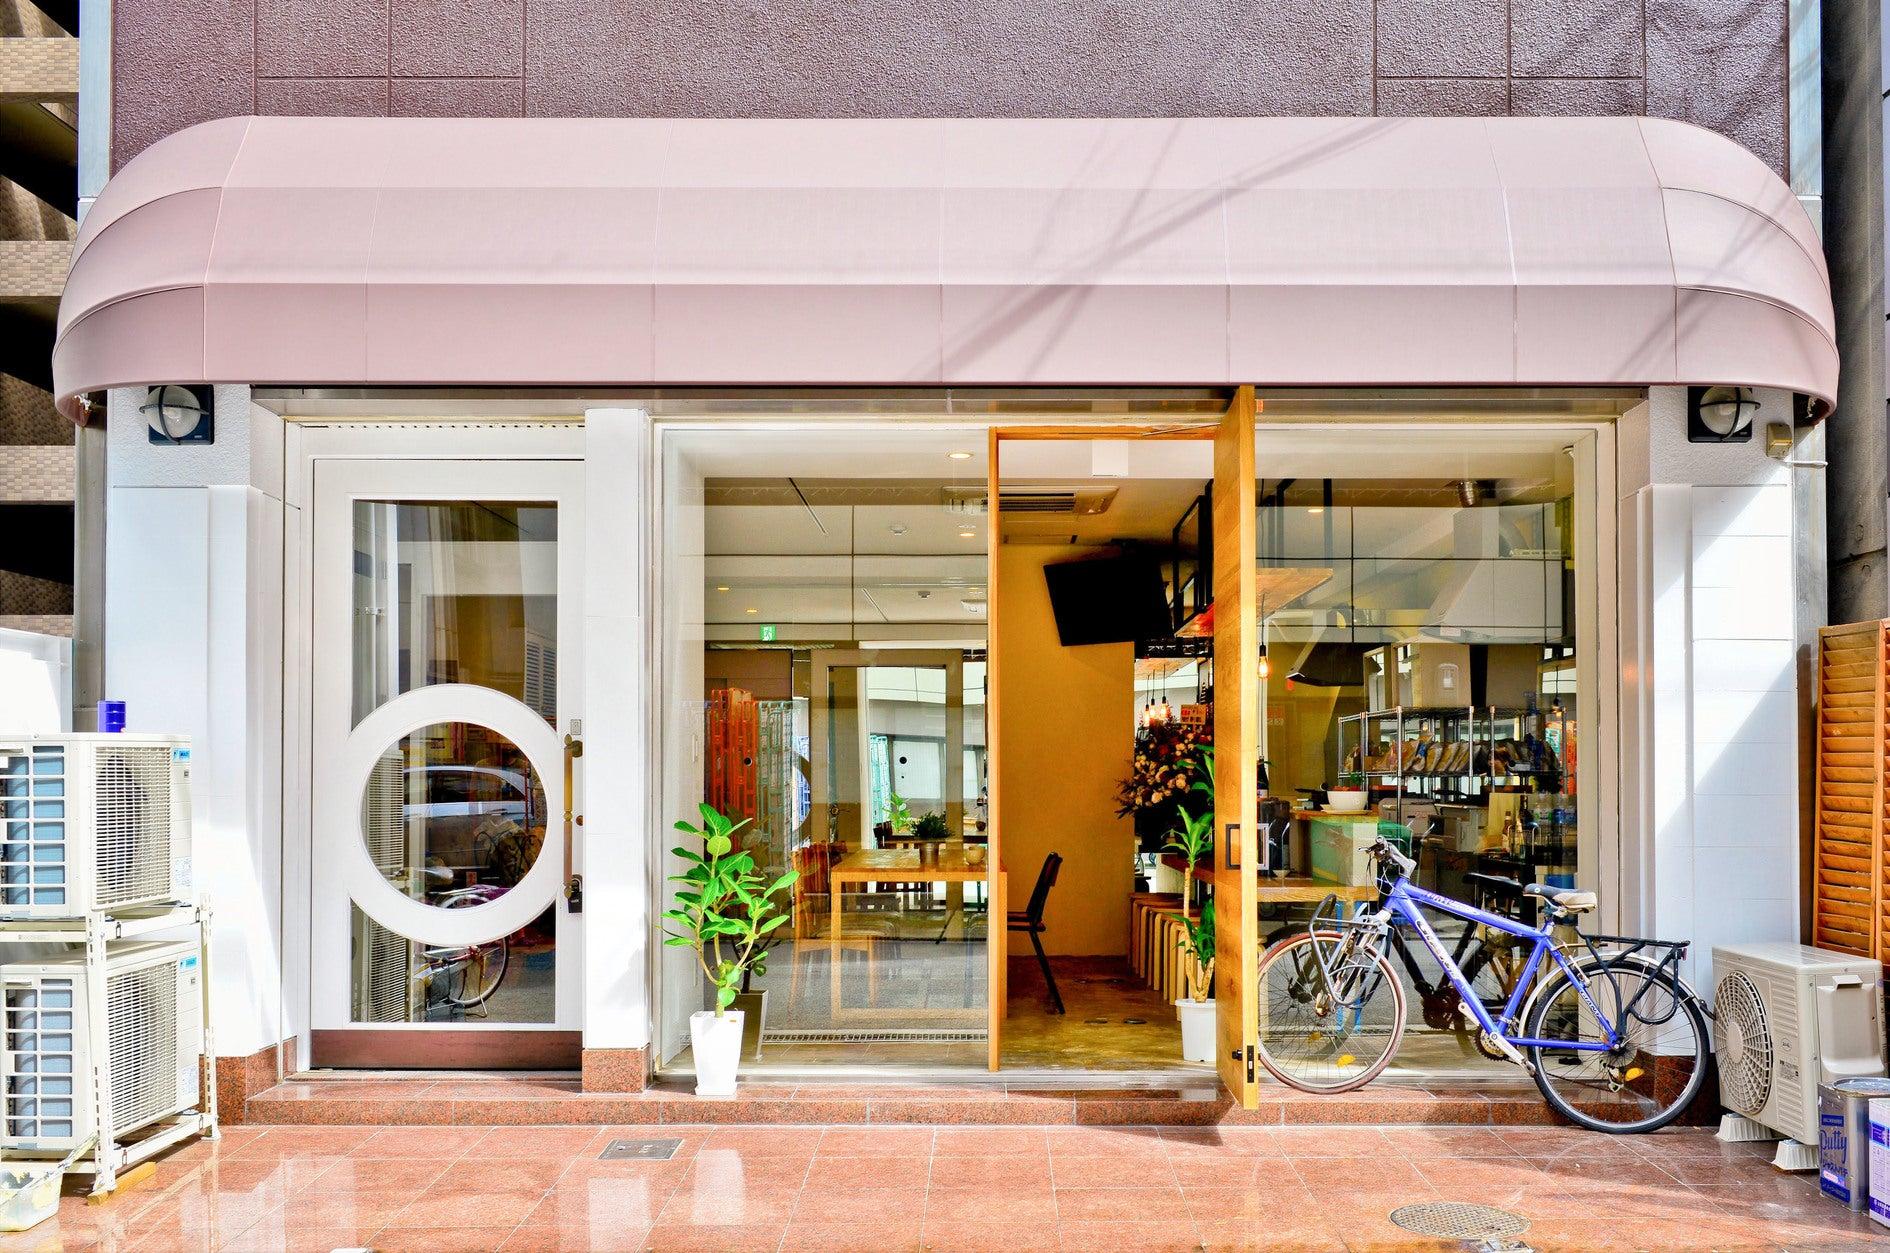 長堀橋駅より徒歩4分。共用部は14人まで利用可能。お茶会、会議など様々な用途にお使いいただけます。 の写真